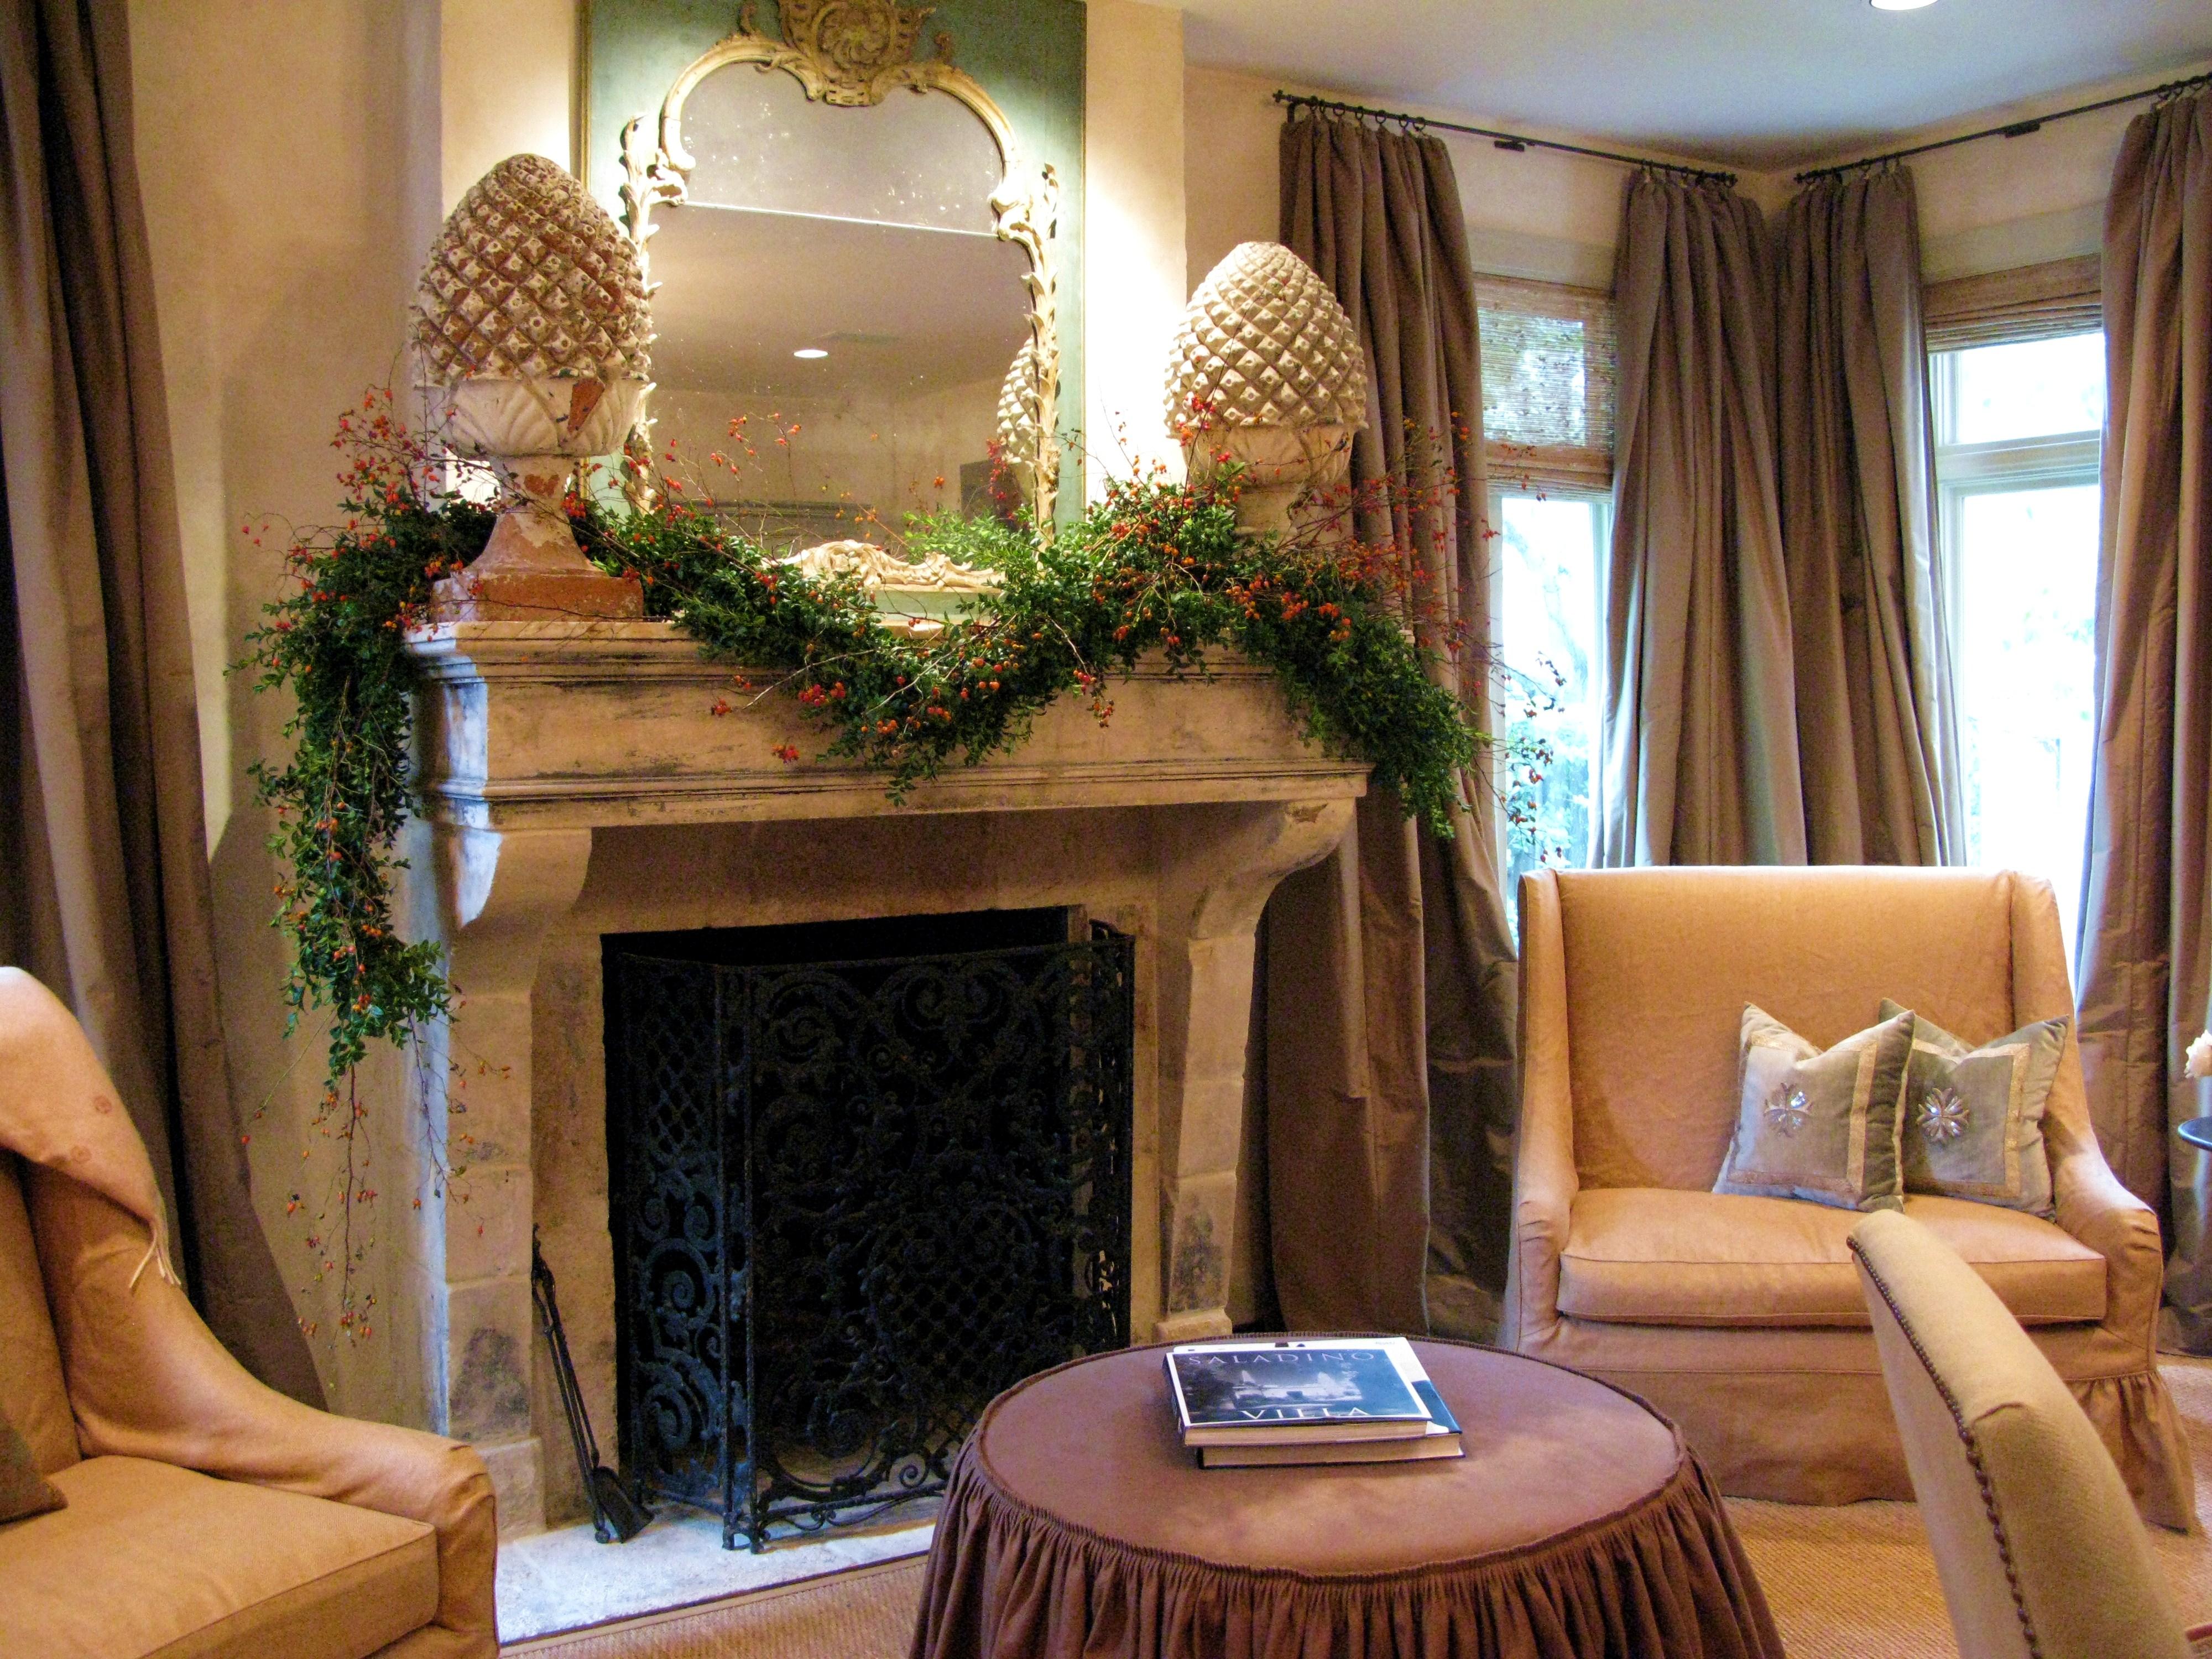 Holiday Interior 21